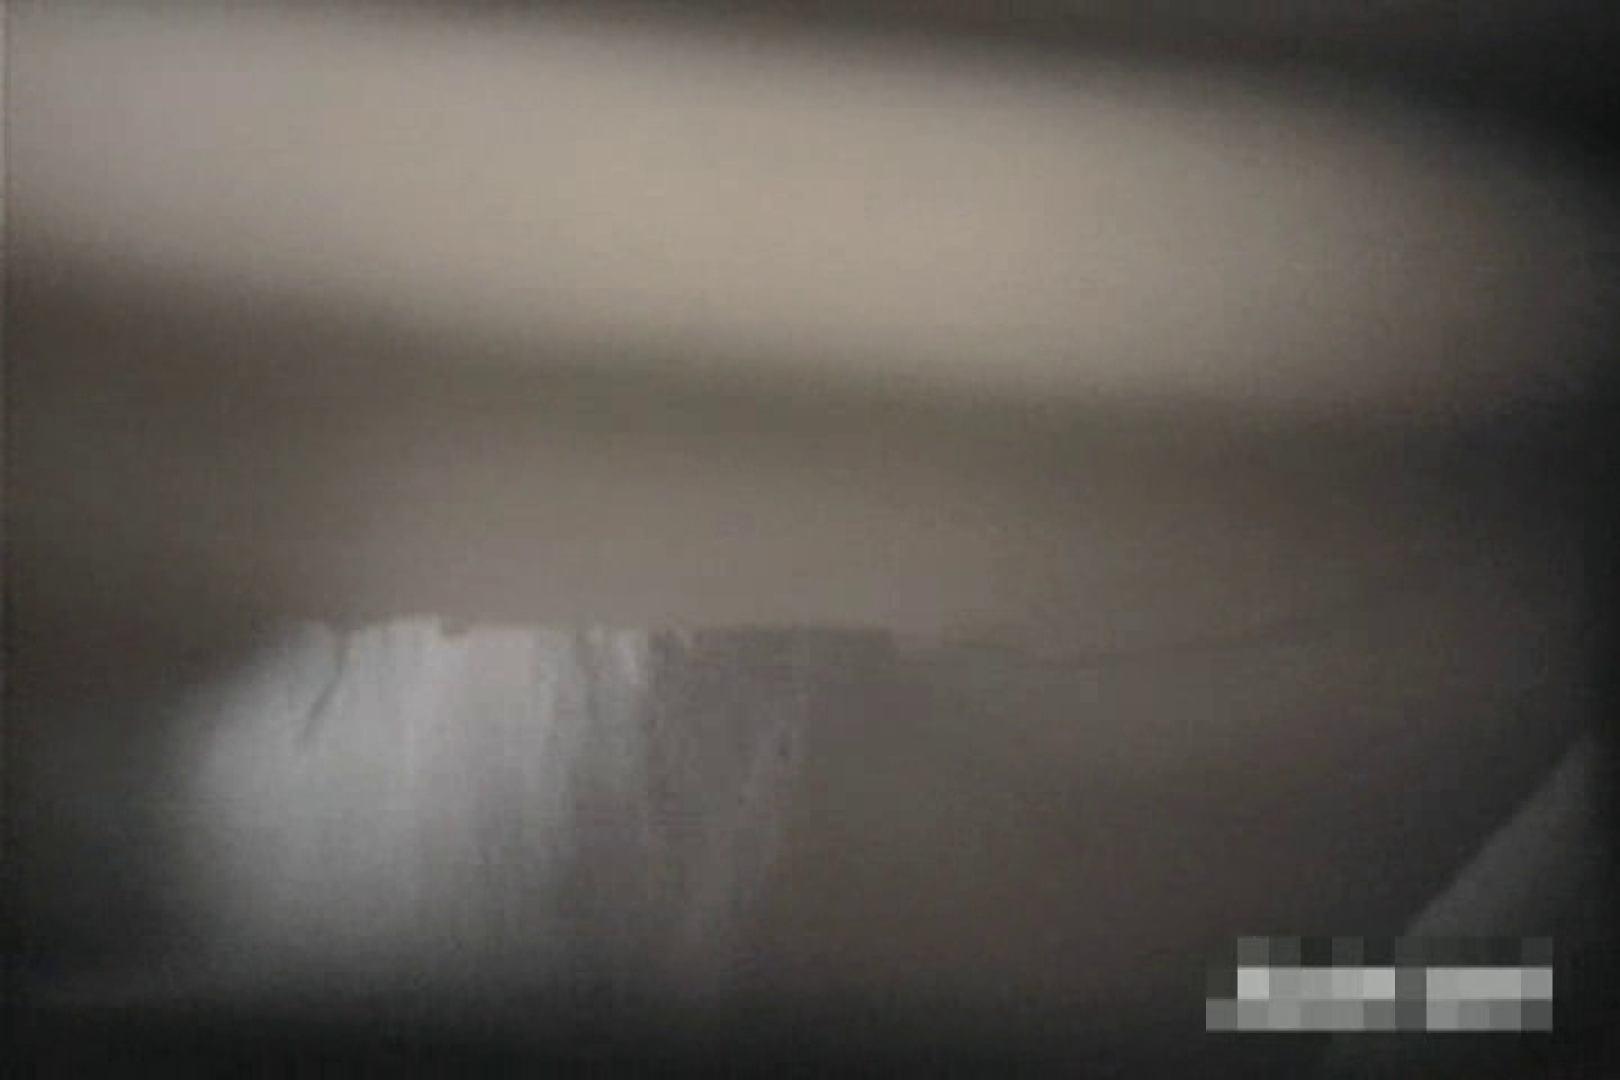 激撮ストーカー記録あなたのお宅拝見しますVol.2 民家 | 美しいOLの裸体  88pic 22